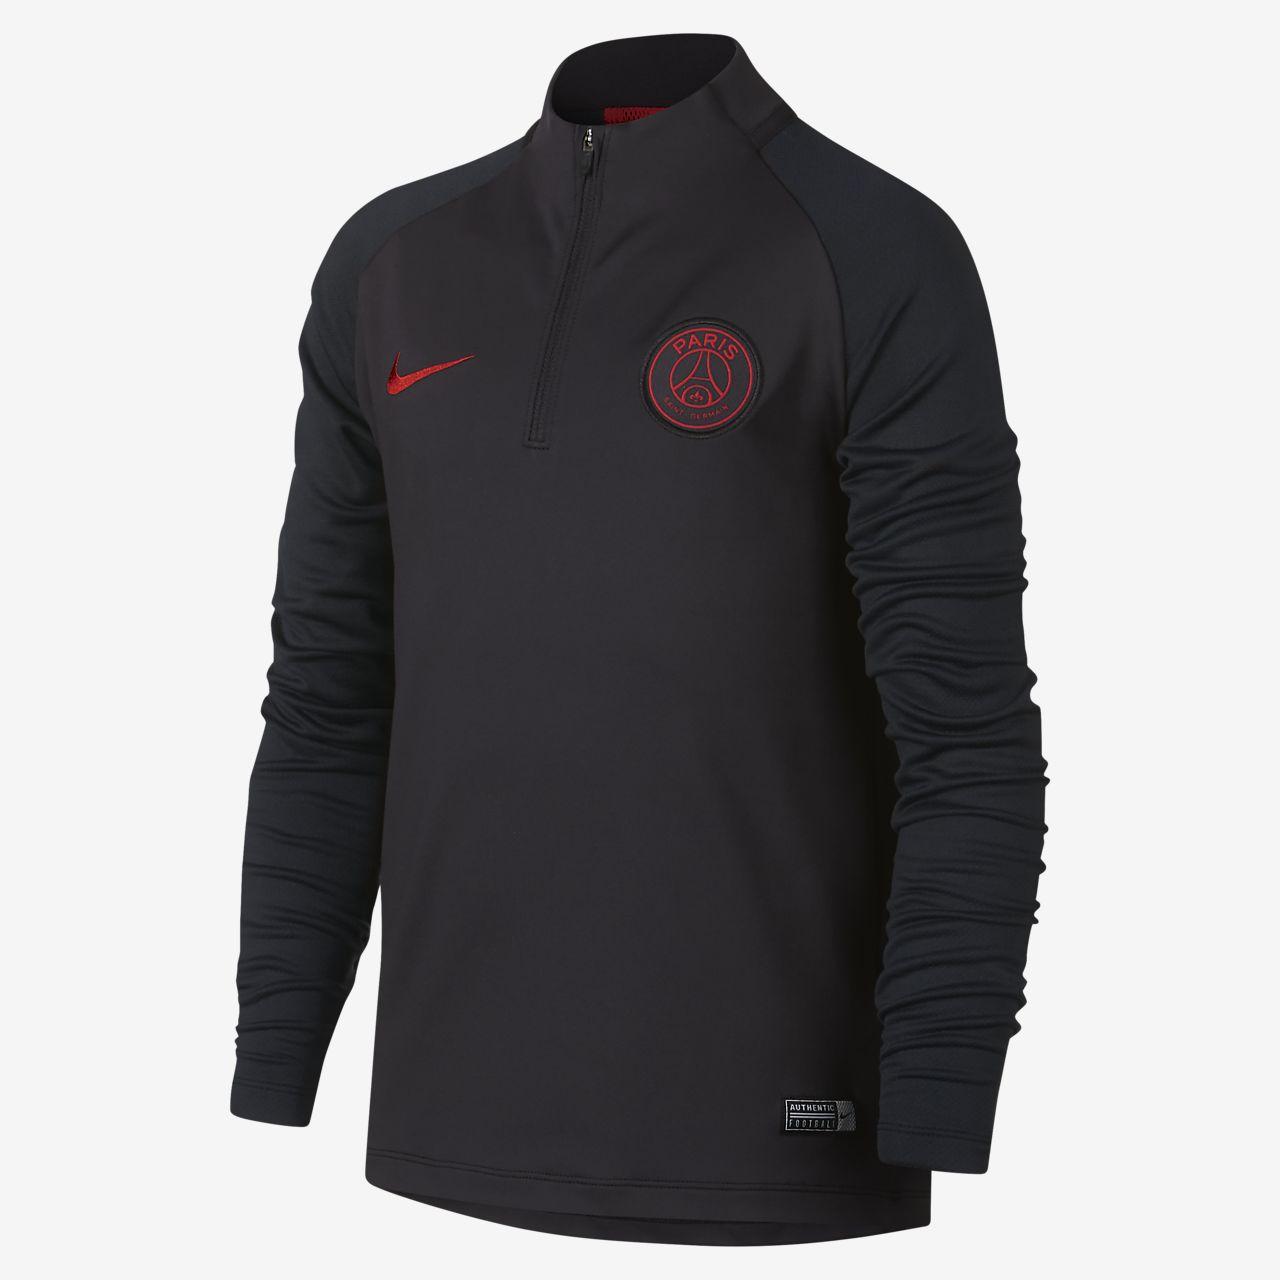 Veste d'entraînement PSG Nike rouge et bleu